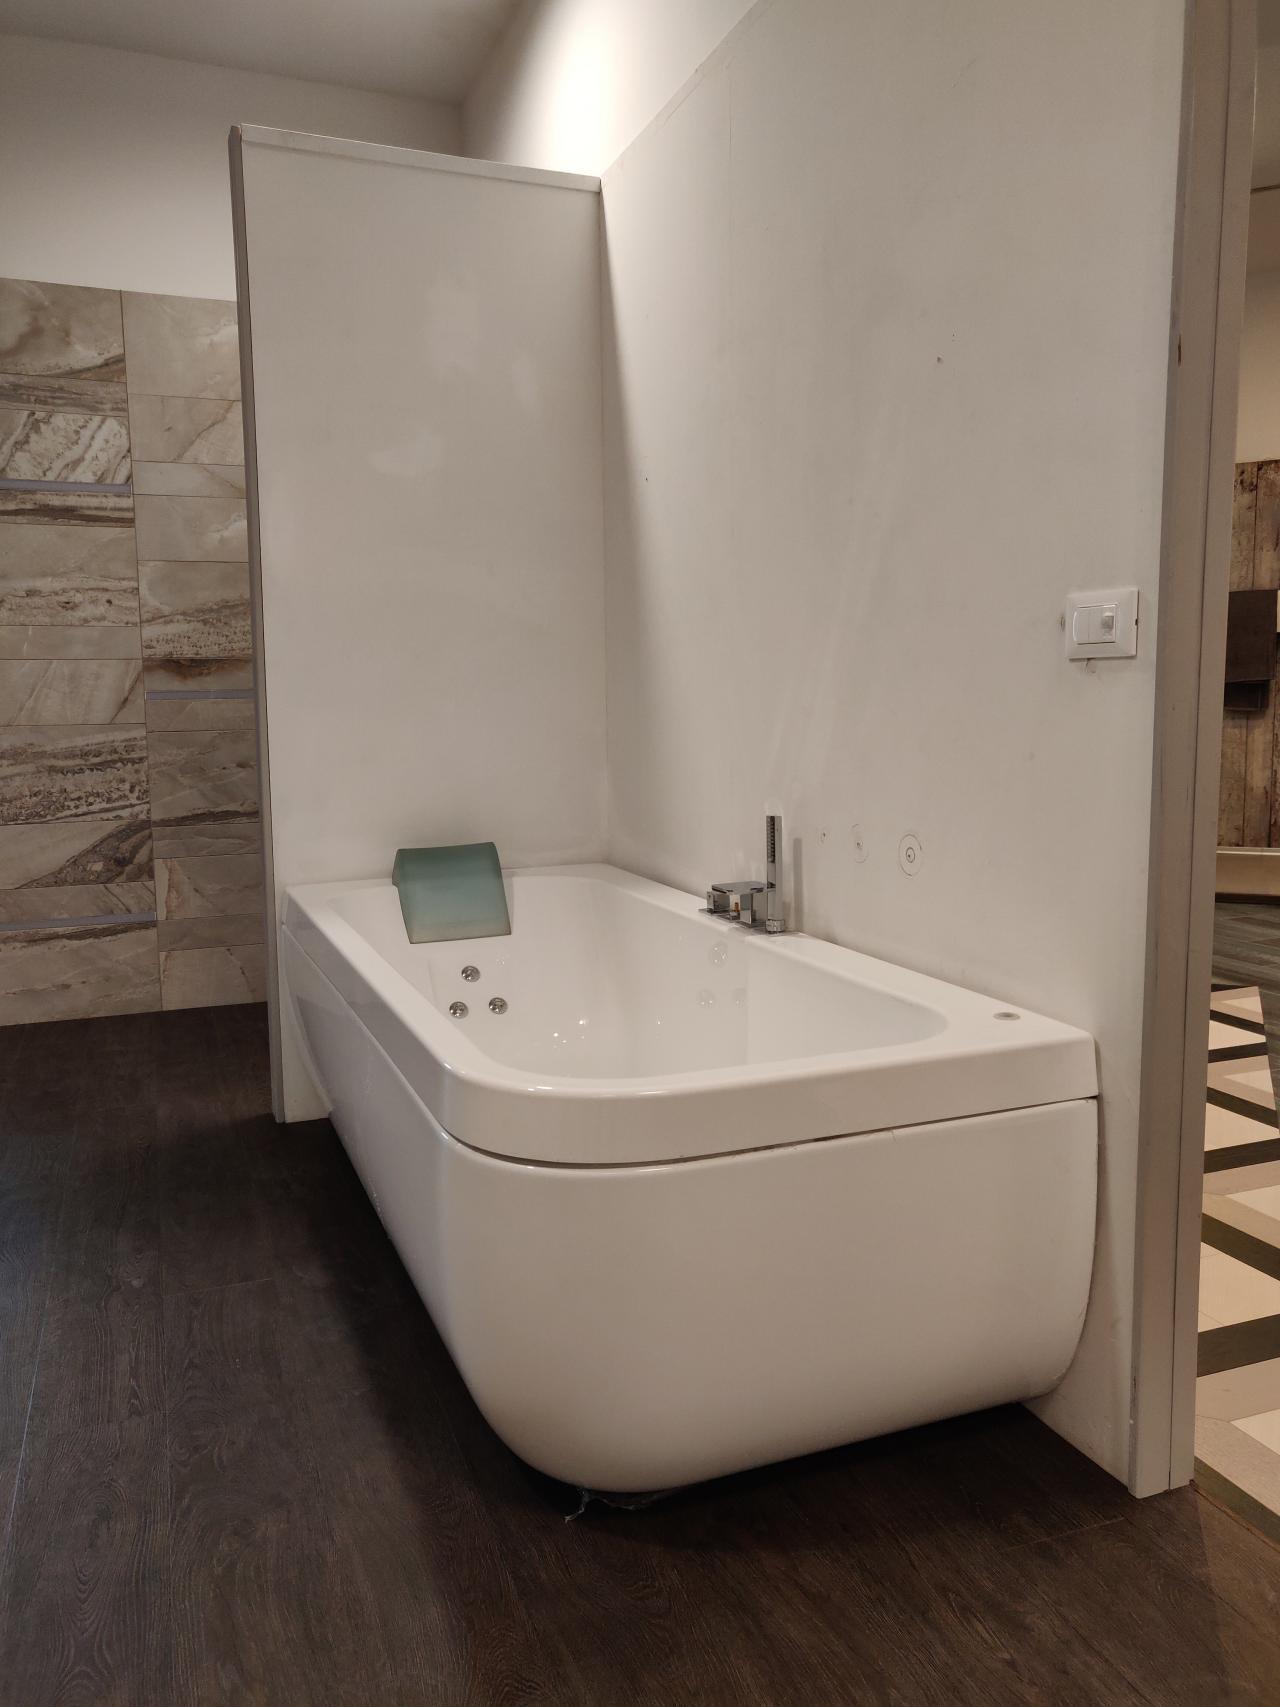 Vasca idromassaggio Jacuzzi, prezzo outlet Vicenza | Fratelli Pellizzari